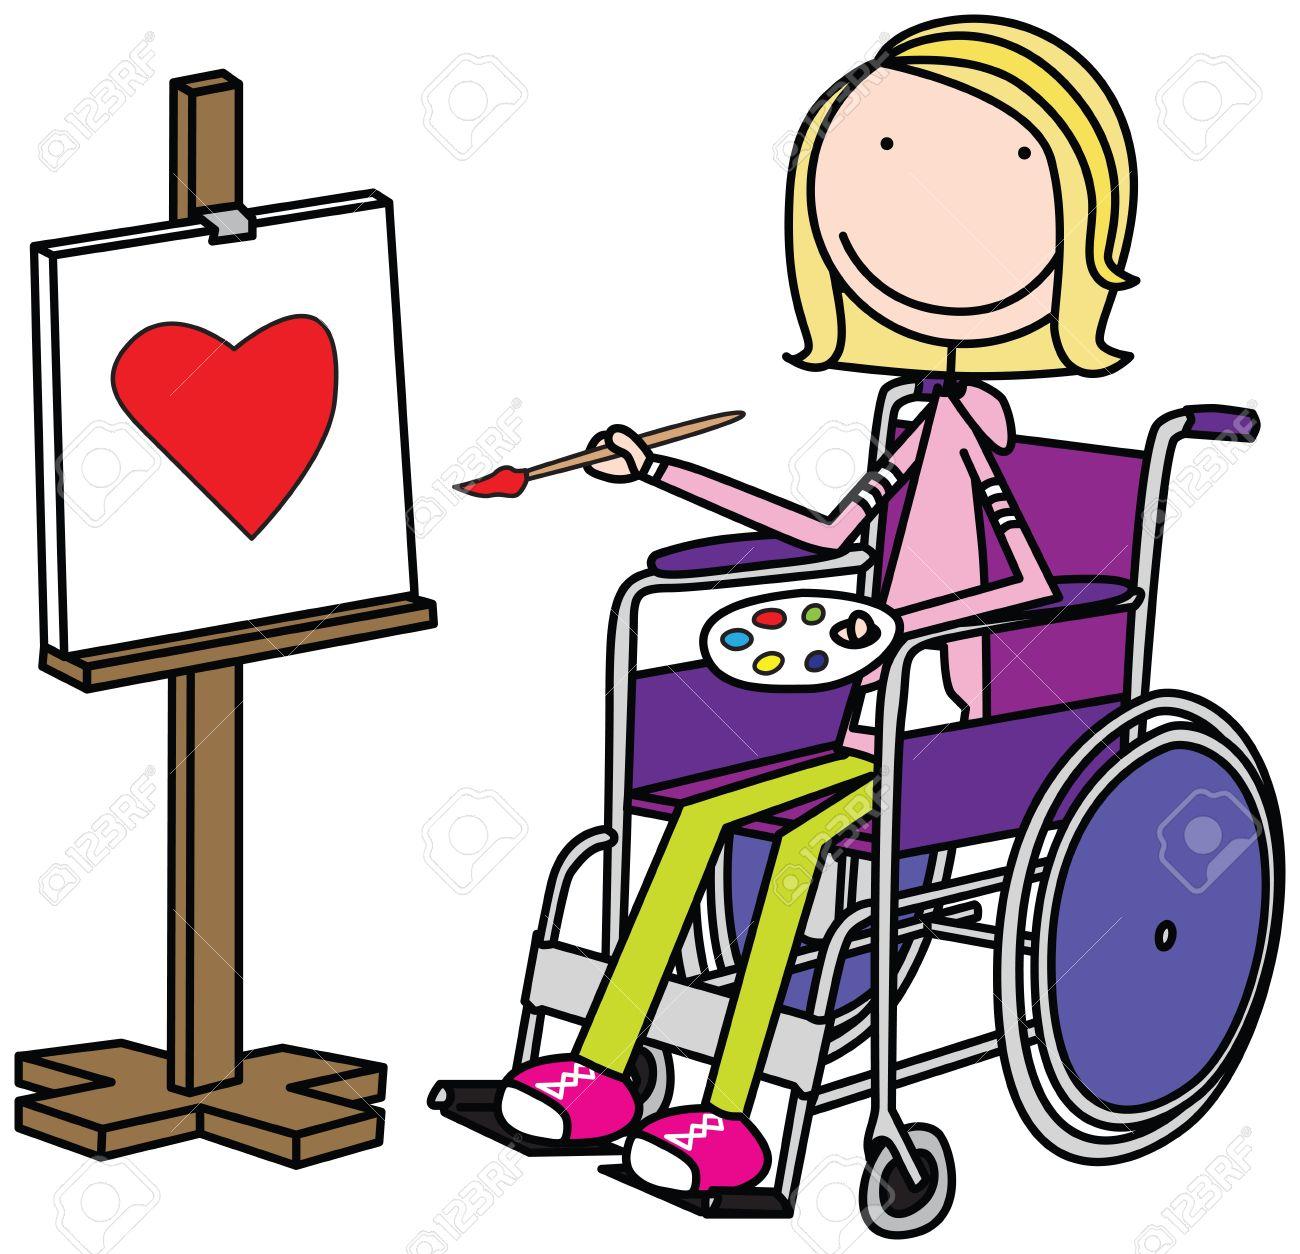 車椅子に座って、絵画女の子のイラスト ロイヤリティフリークリップ